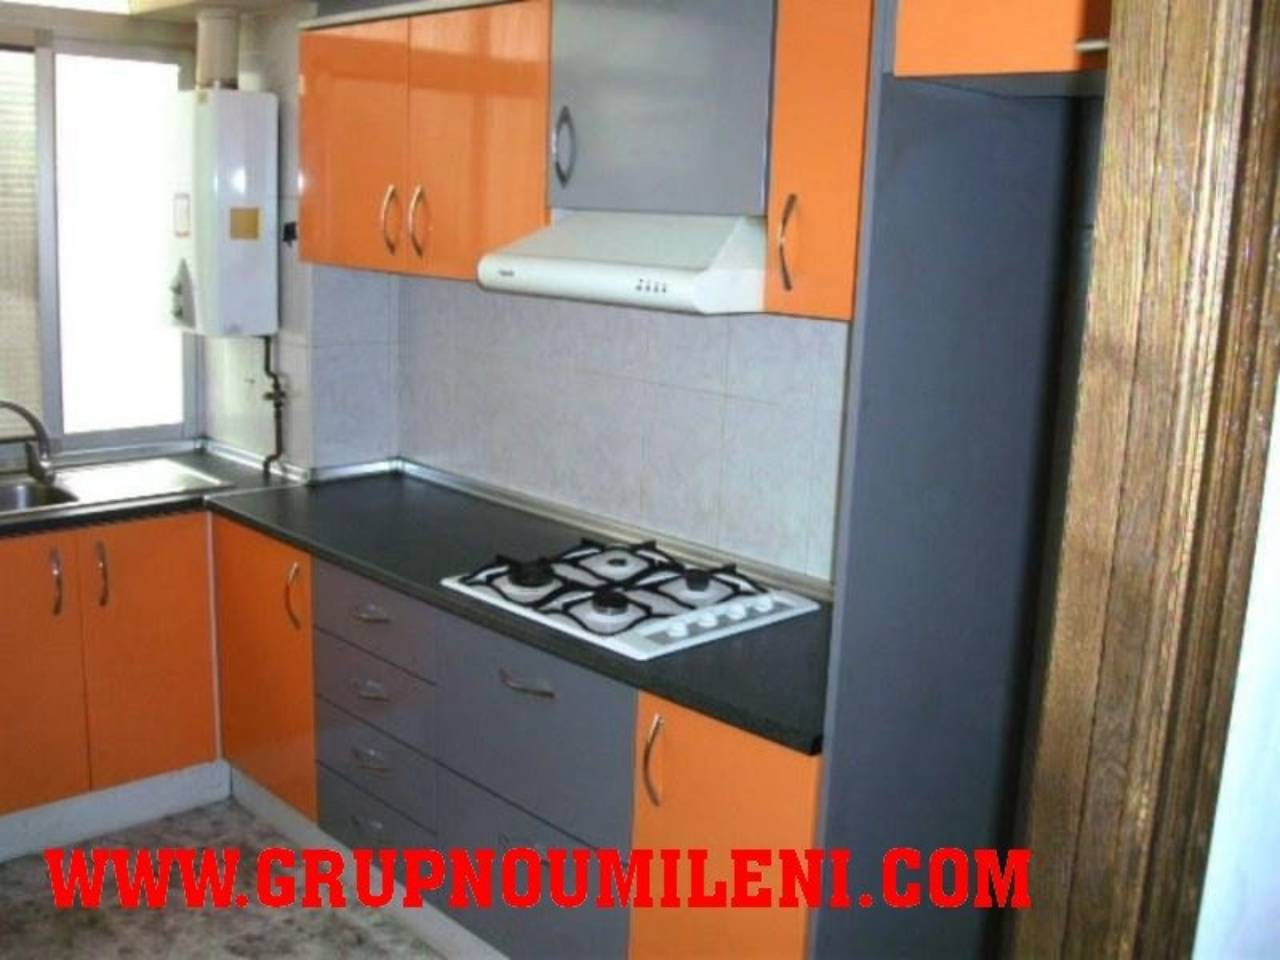 Piso  Sin comisiones. Superf. 112 m²,  3 habitaciones (1 doble,  2 individuales),  2 b